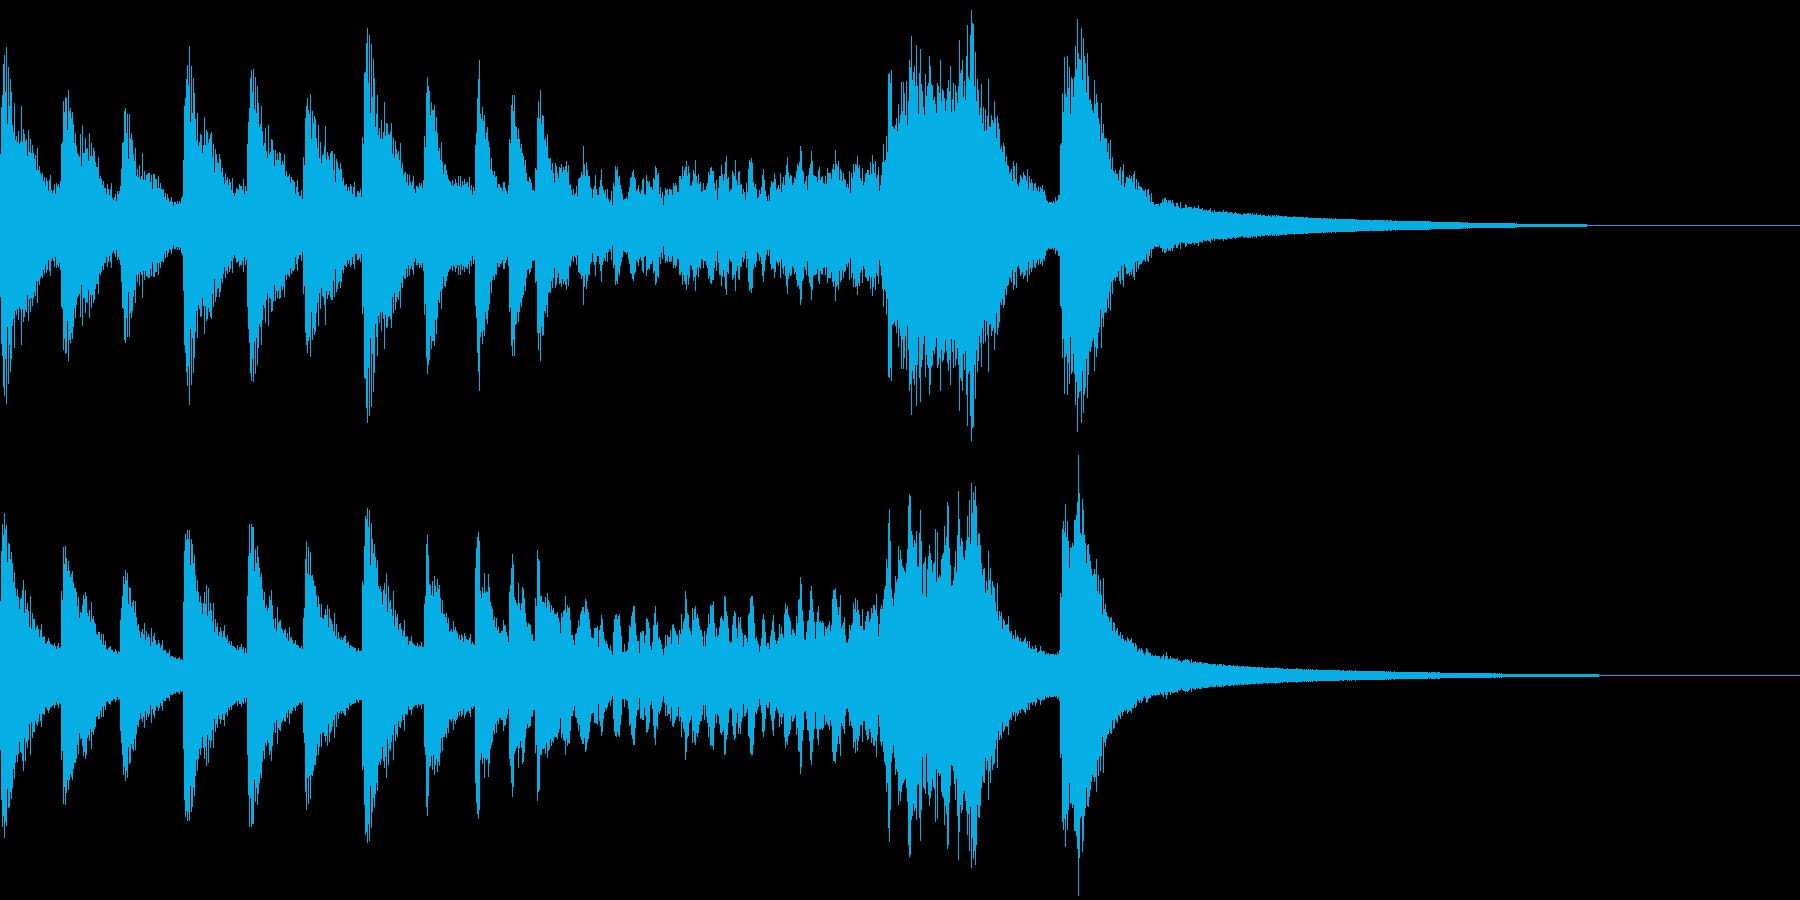 パーンパーンパーン! 銅鑼のロール音の再生済みの波形